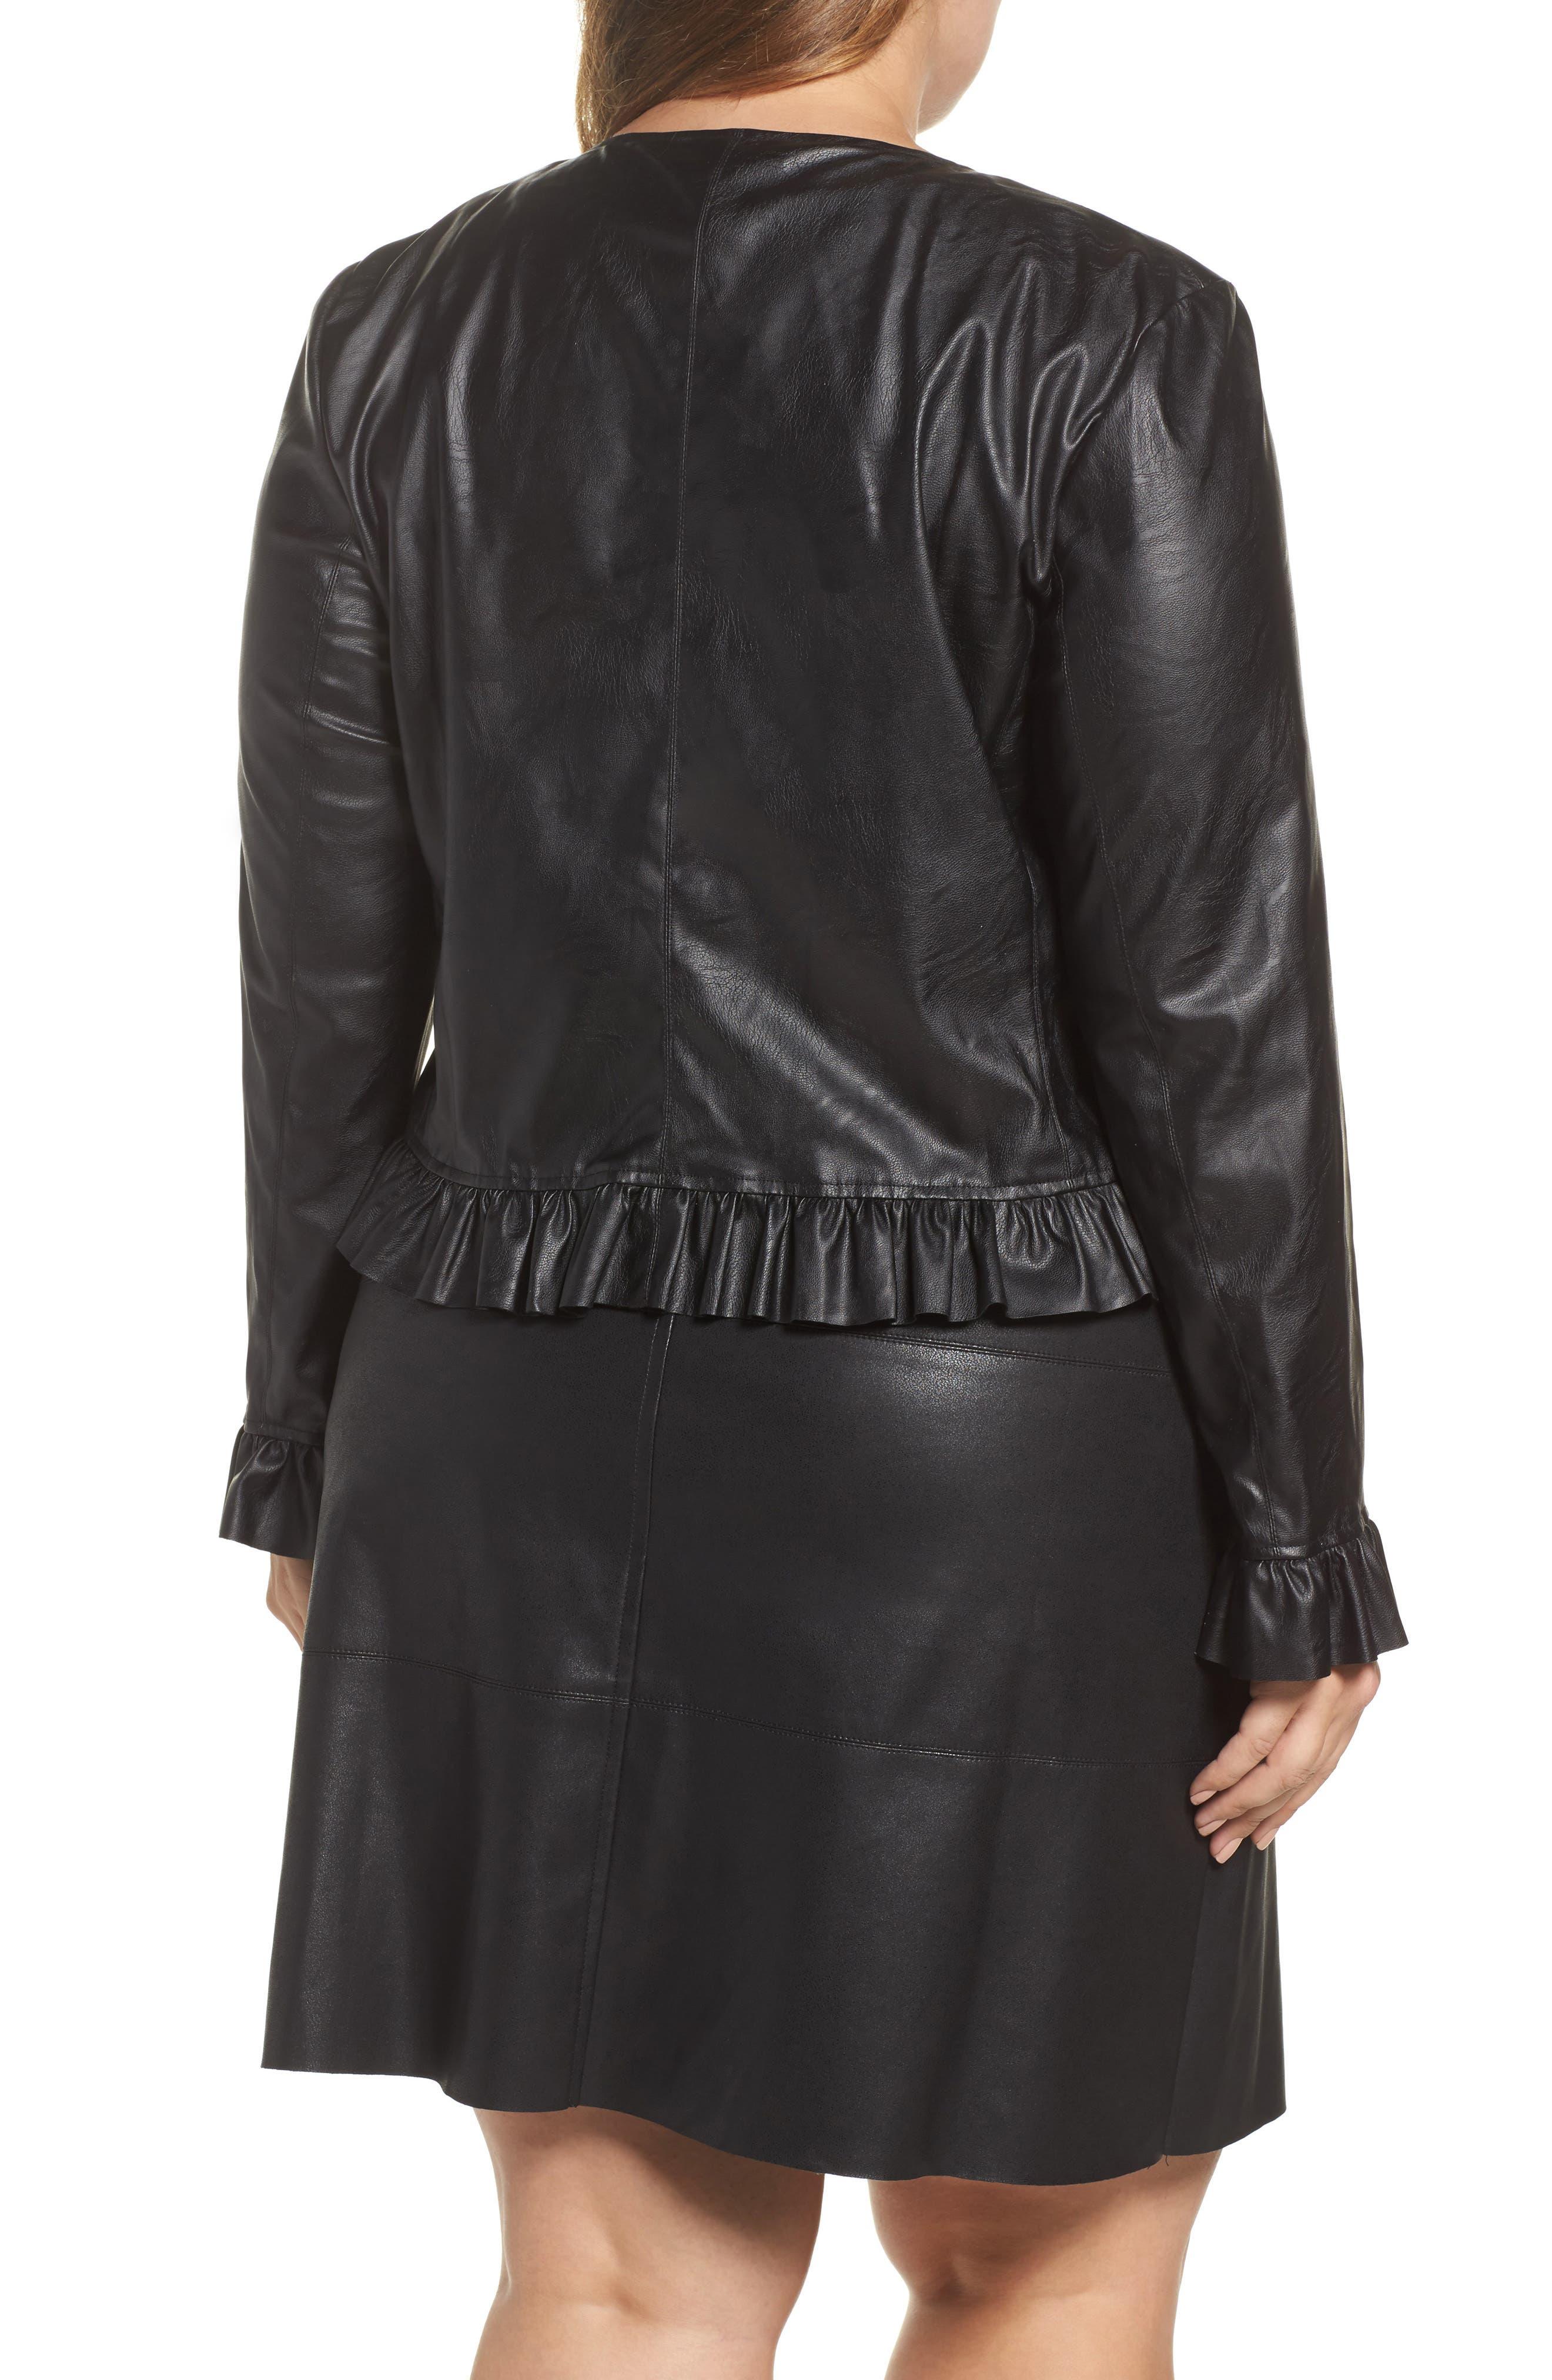 Alternate Image 2  - ELVI Faux Leather Frill Jacket (Plus Size)